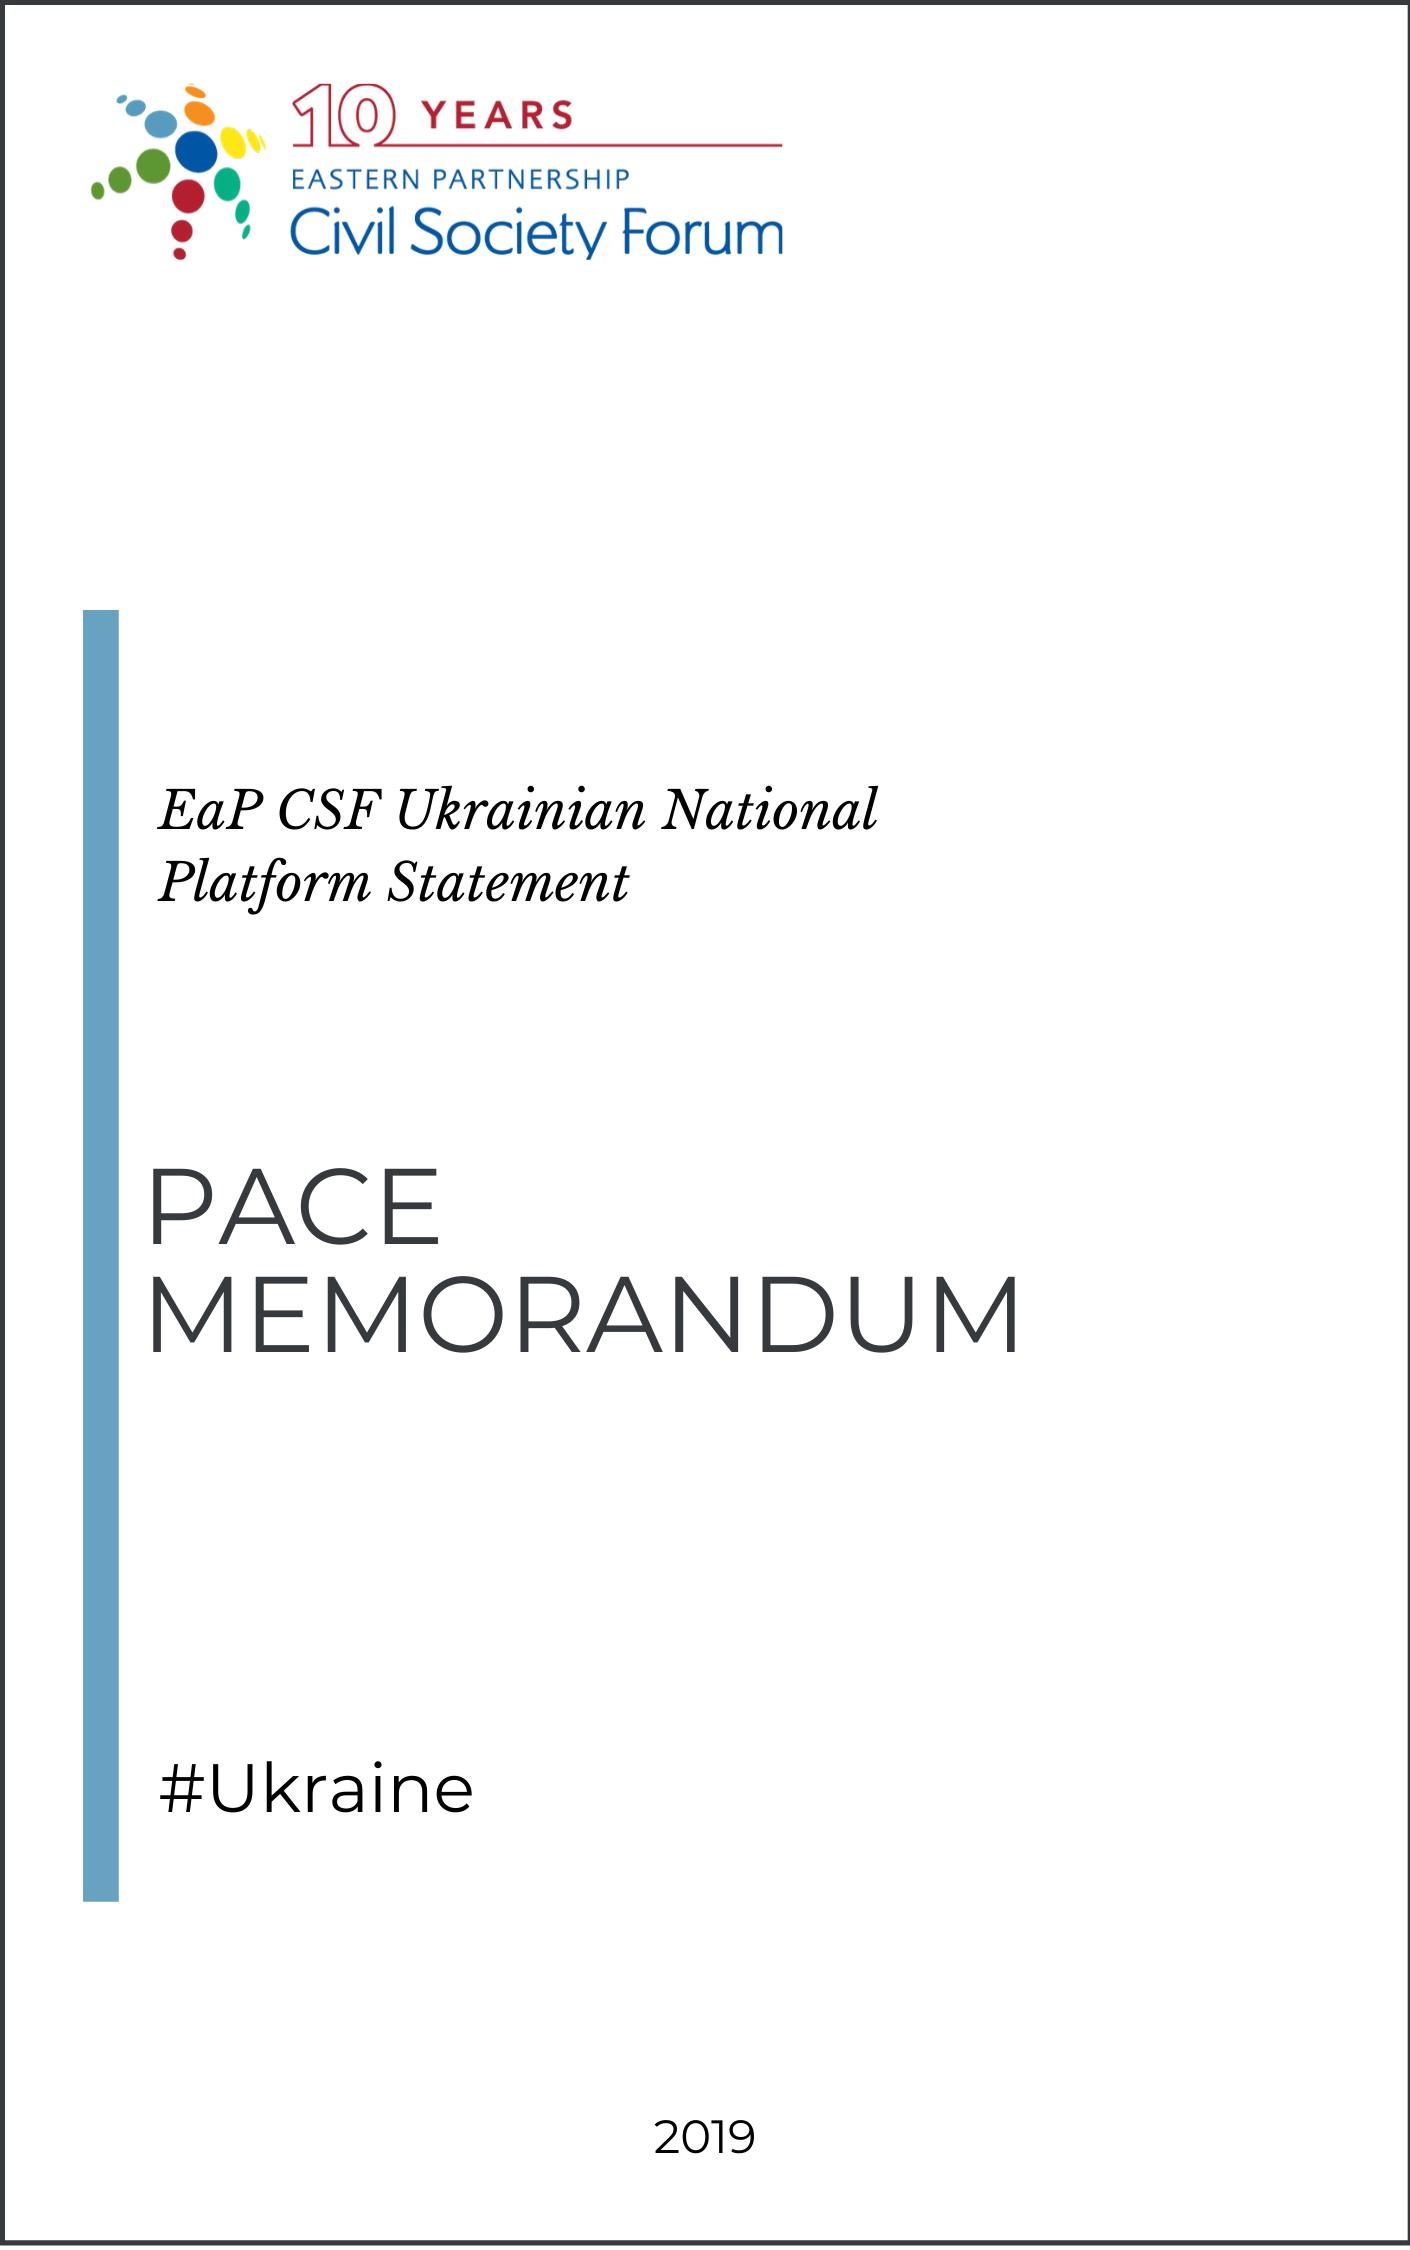 PACE Memorandum